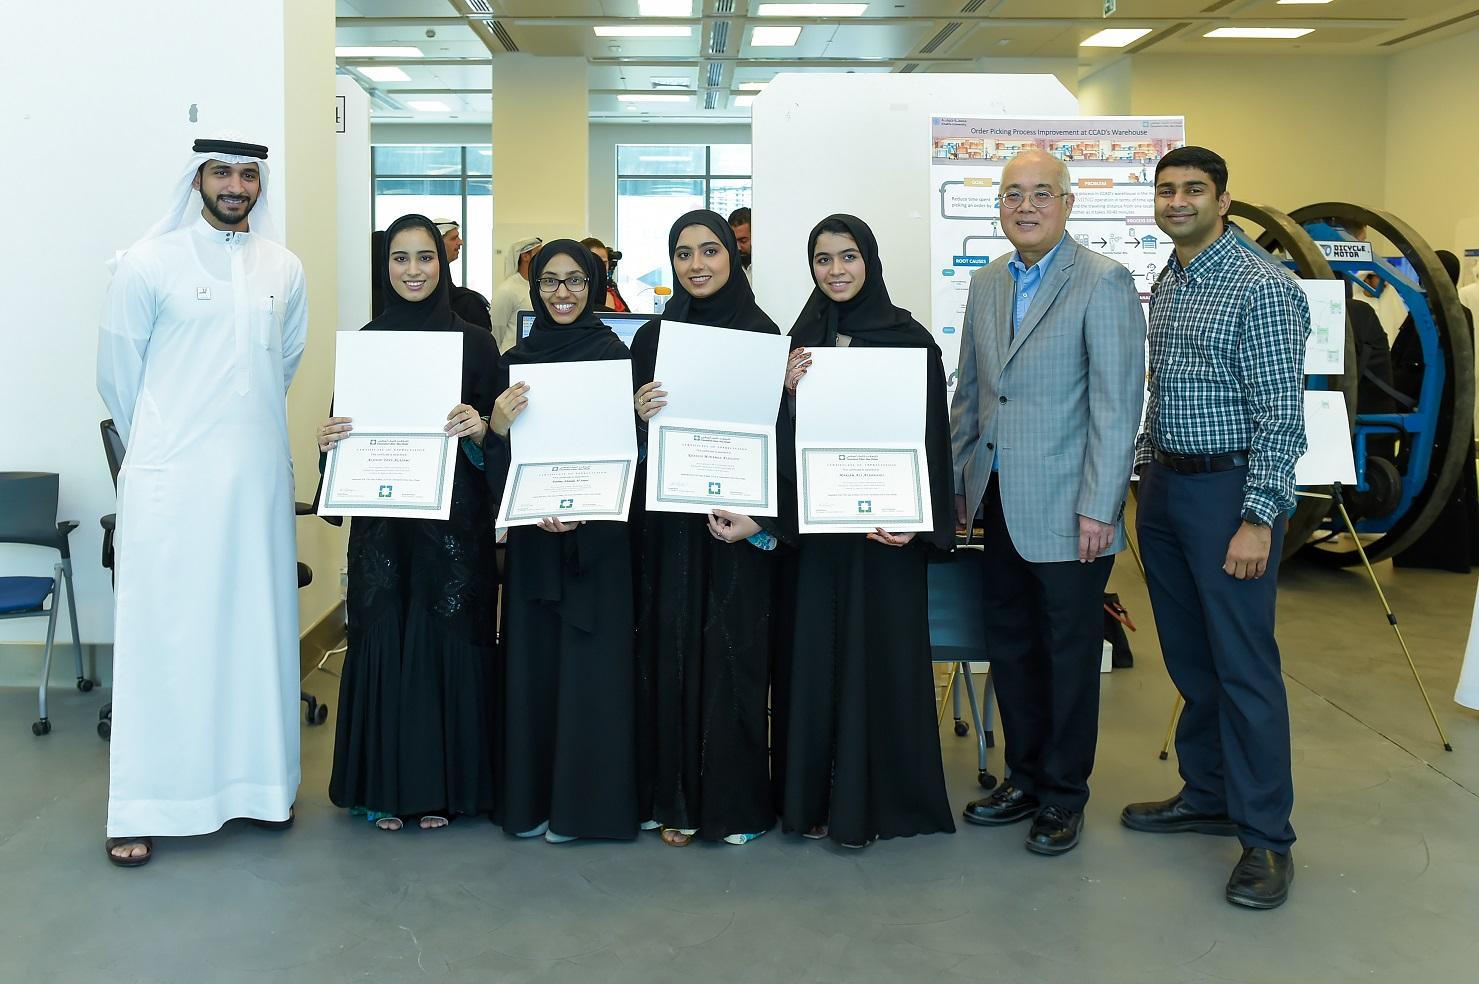 طلبة جامعة خليفة يطورون أنظمة رقمية لتسهيل سير العمليات في مؤسستين في أبوظبي